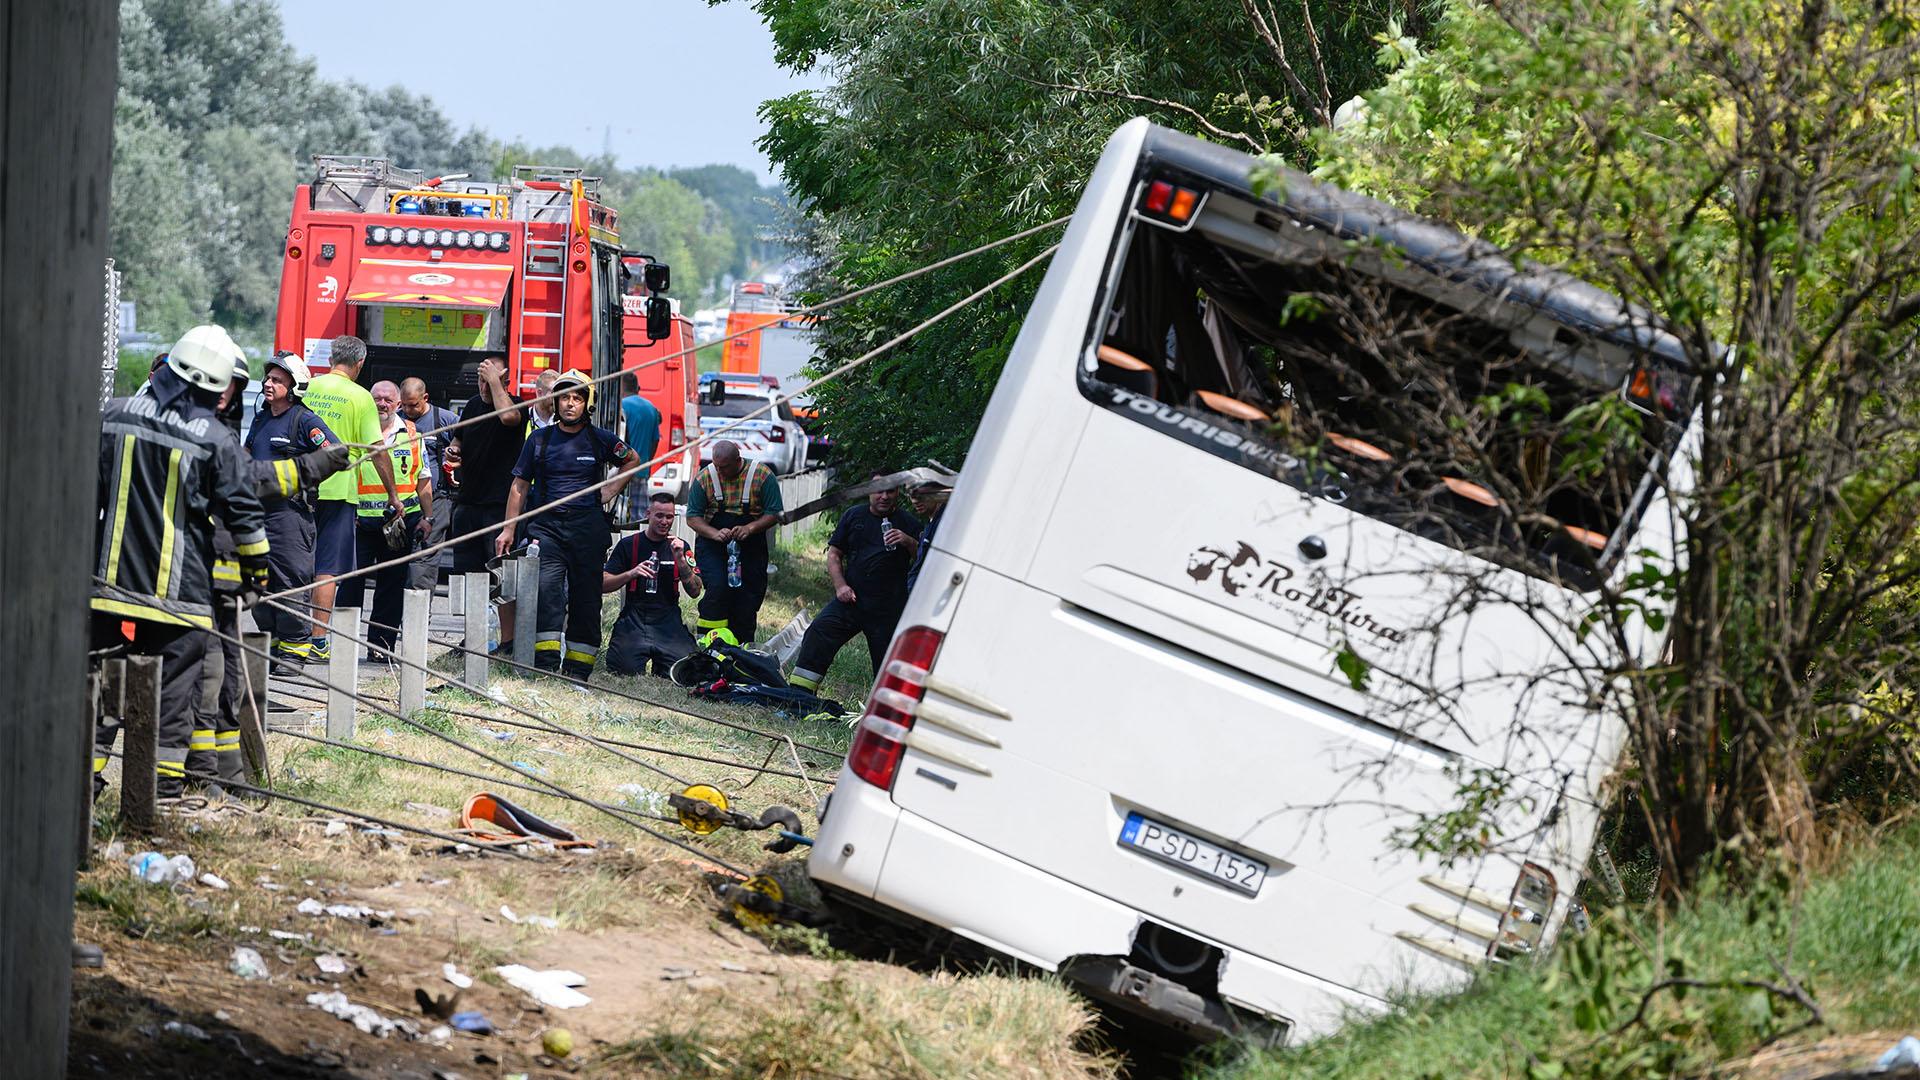 Valószínűleg elkerülhetetlen volt az M7-es buszbaleset